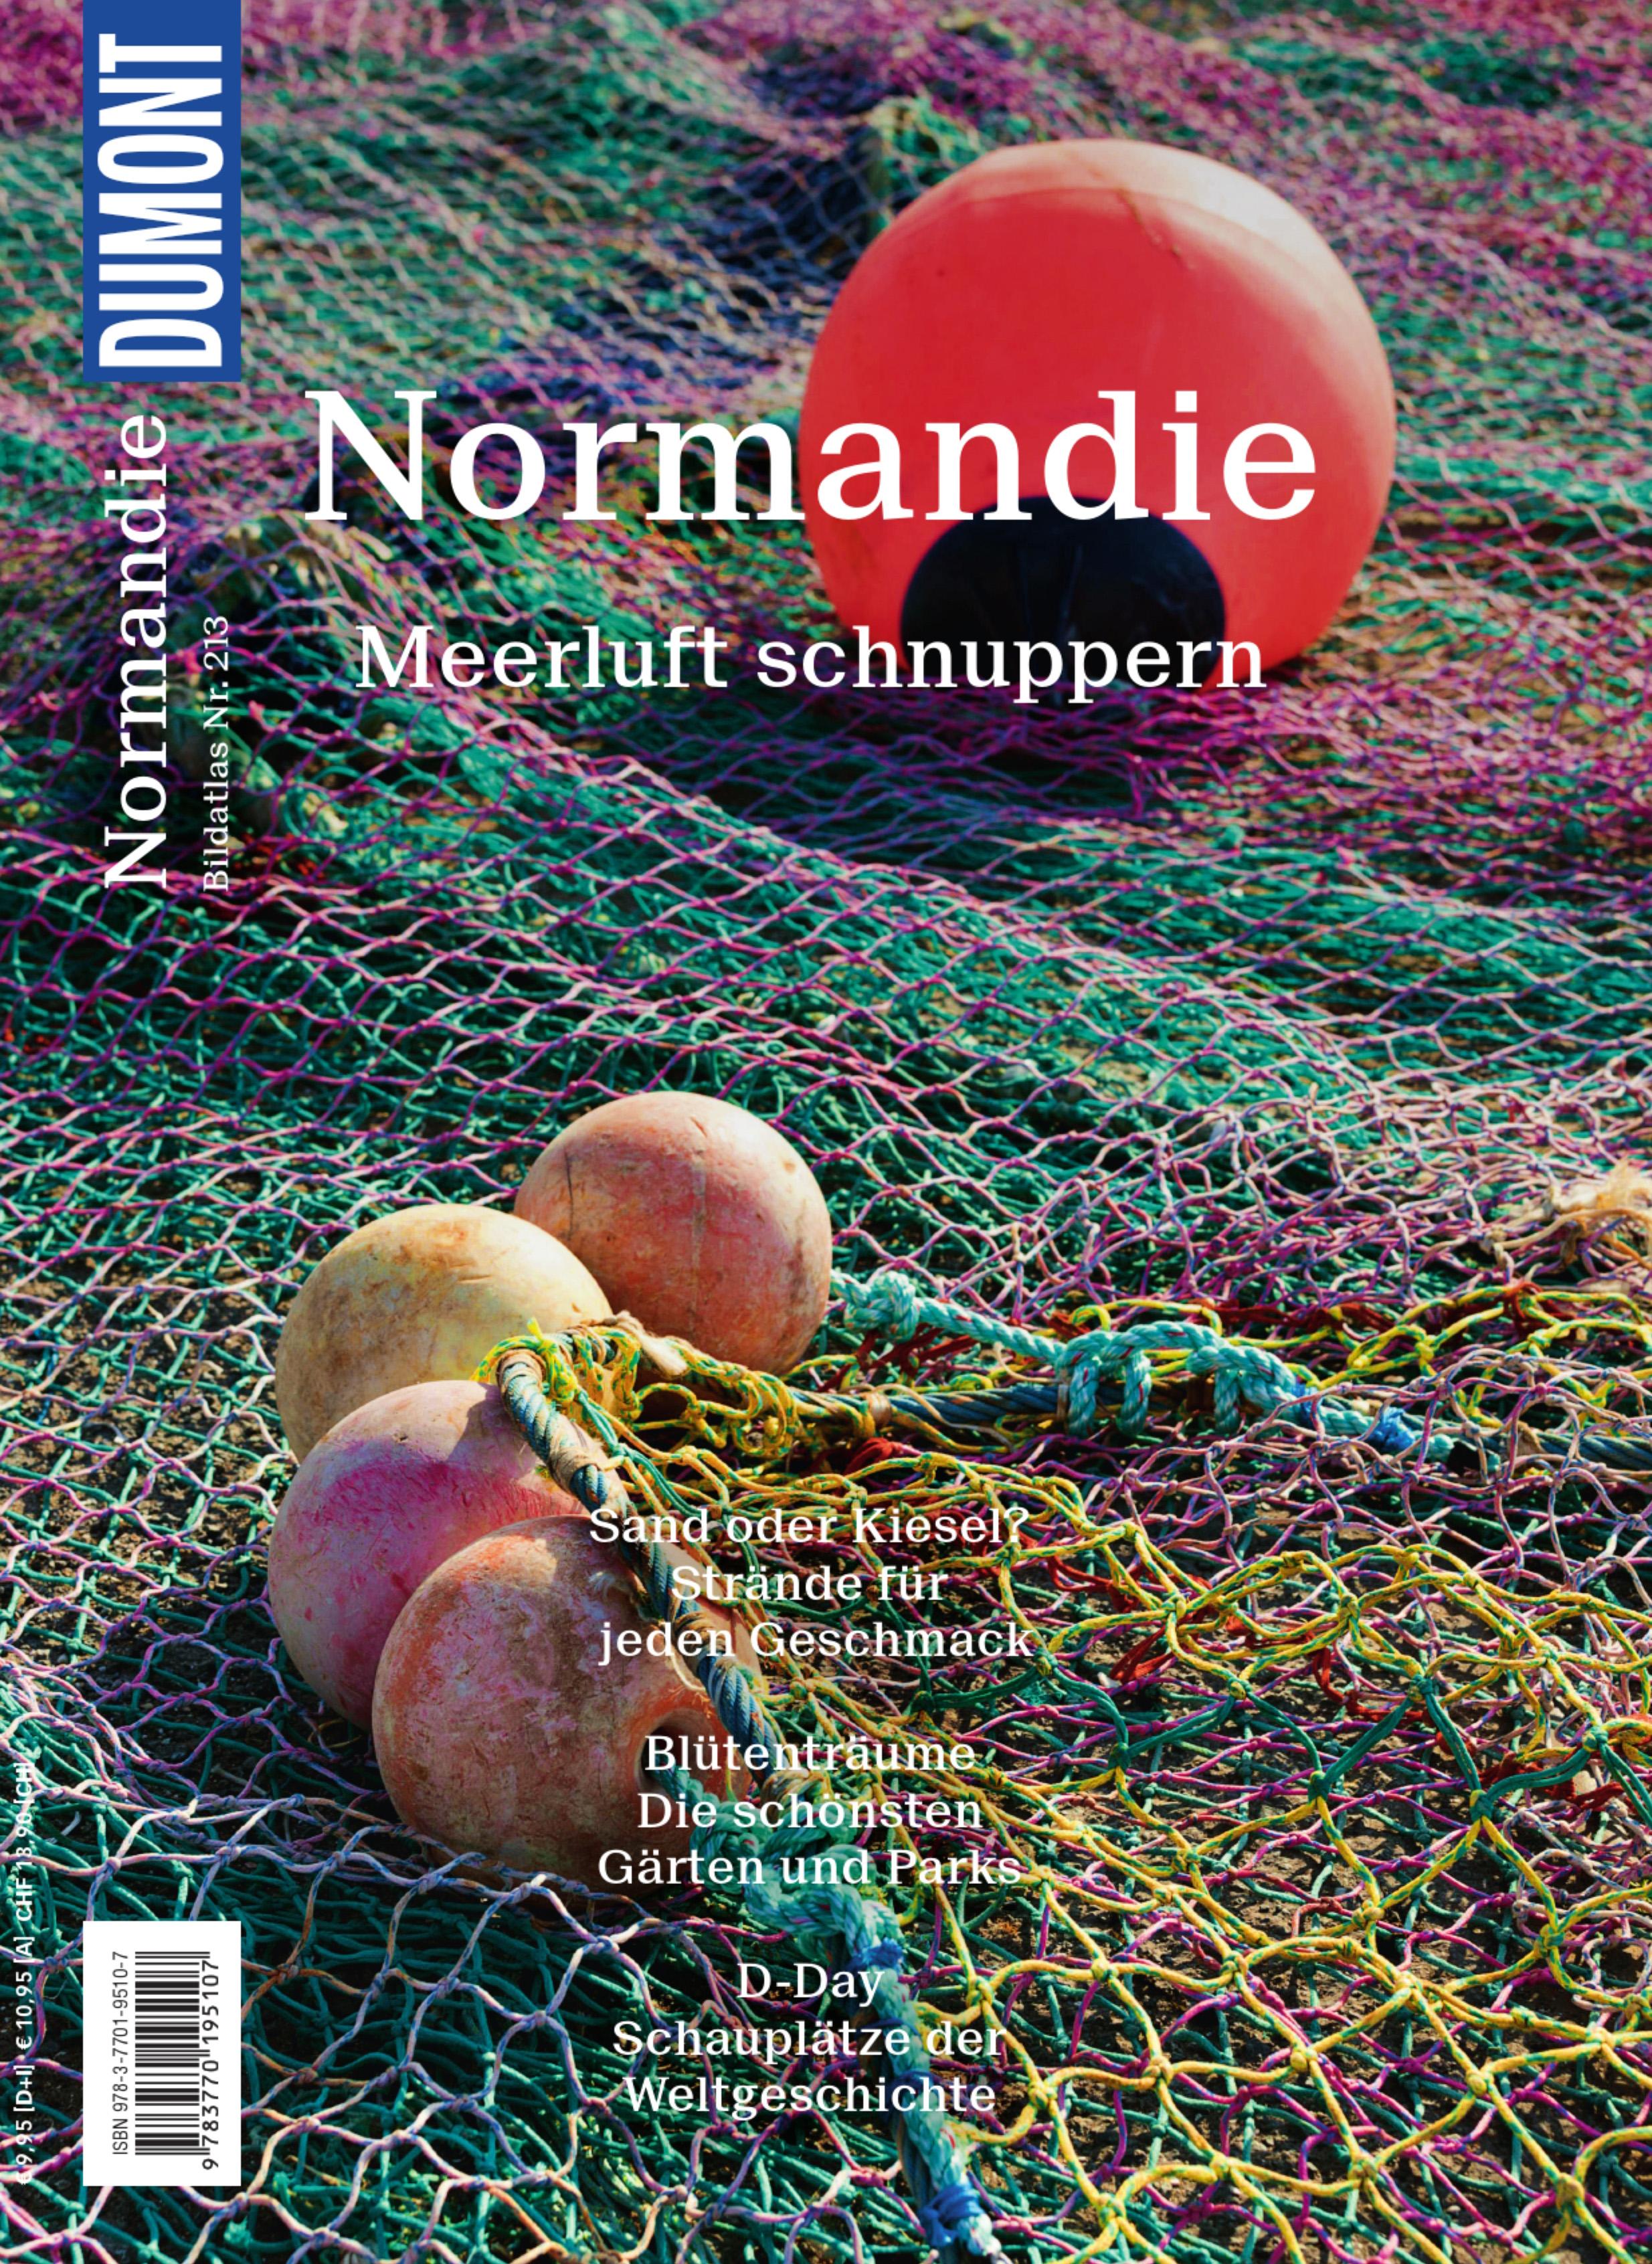 DuMont Bildatlas - Normandie (Cover)